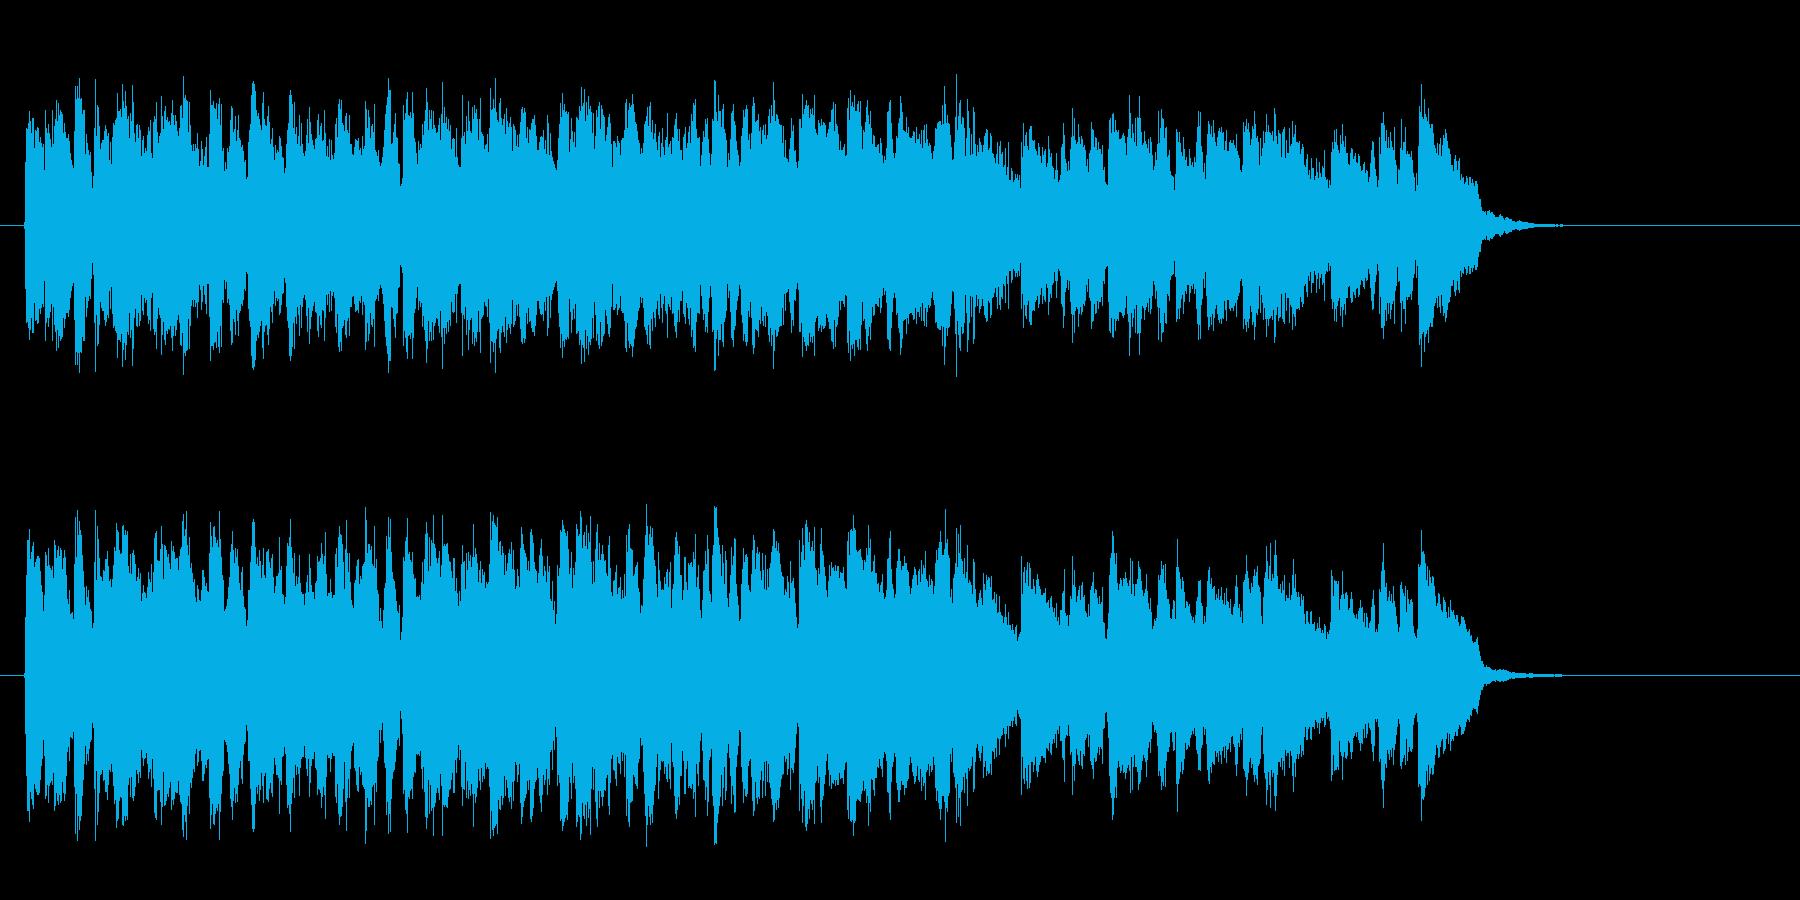 安心感ある暖かいバラード(サビ~エンド)の再生済みの波形